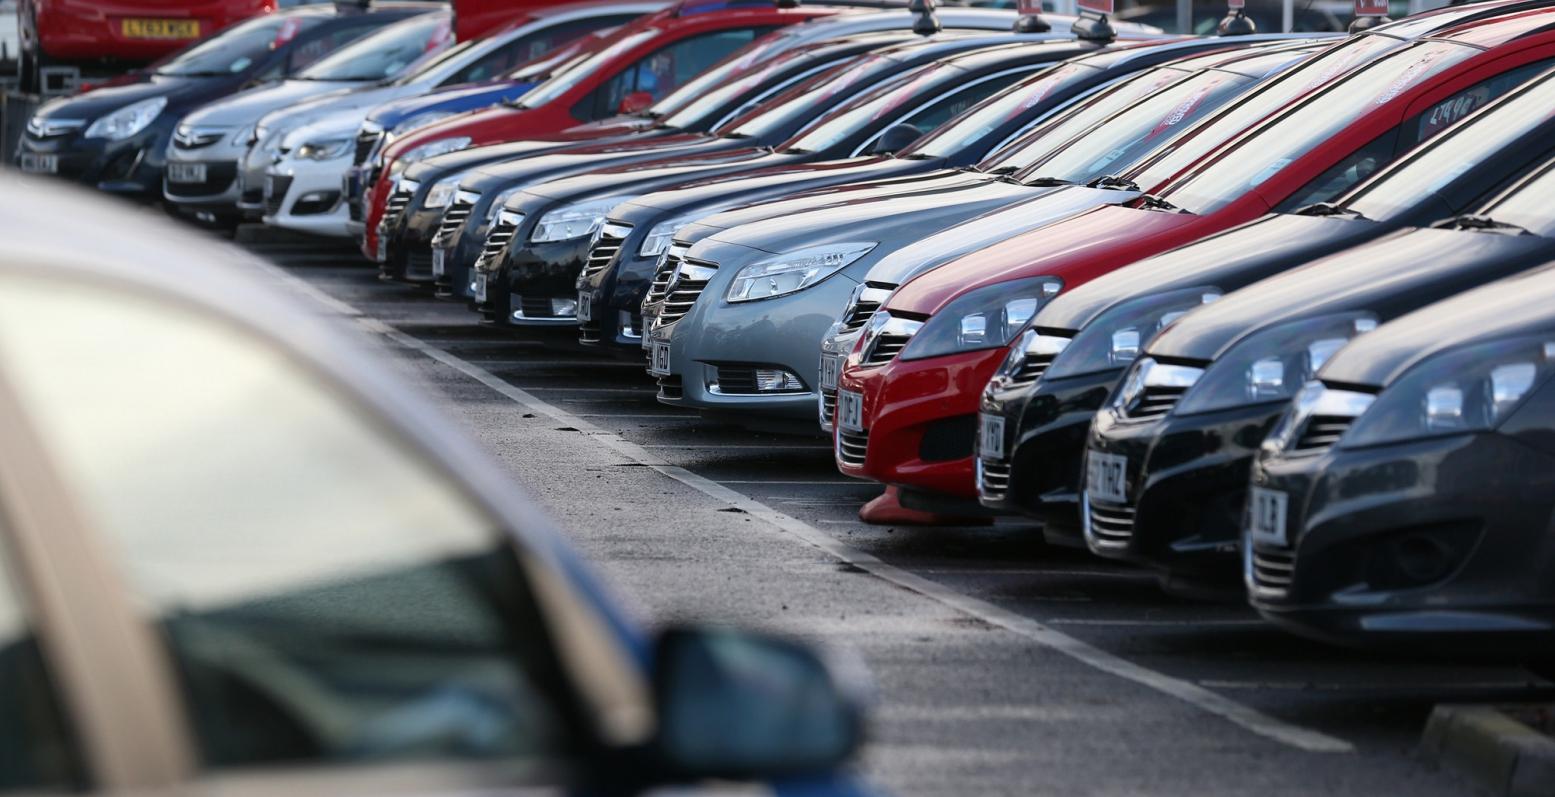 Αποτέλεσμα εικόνας για Δυτική Ελλάδα: Σε δημοπρασία την Τετάρτη αυτοκίνητα από… 300 ευρώ